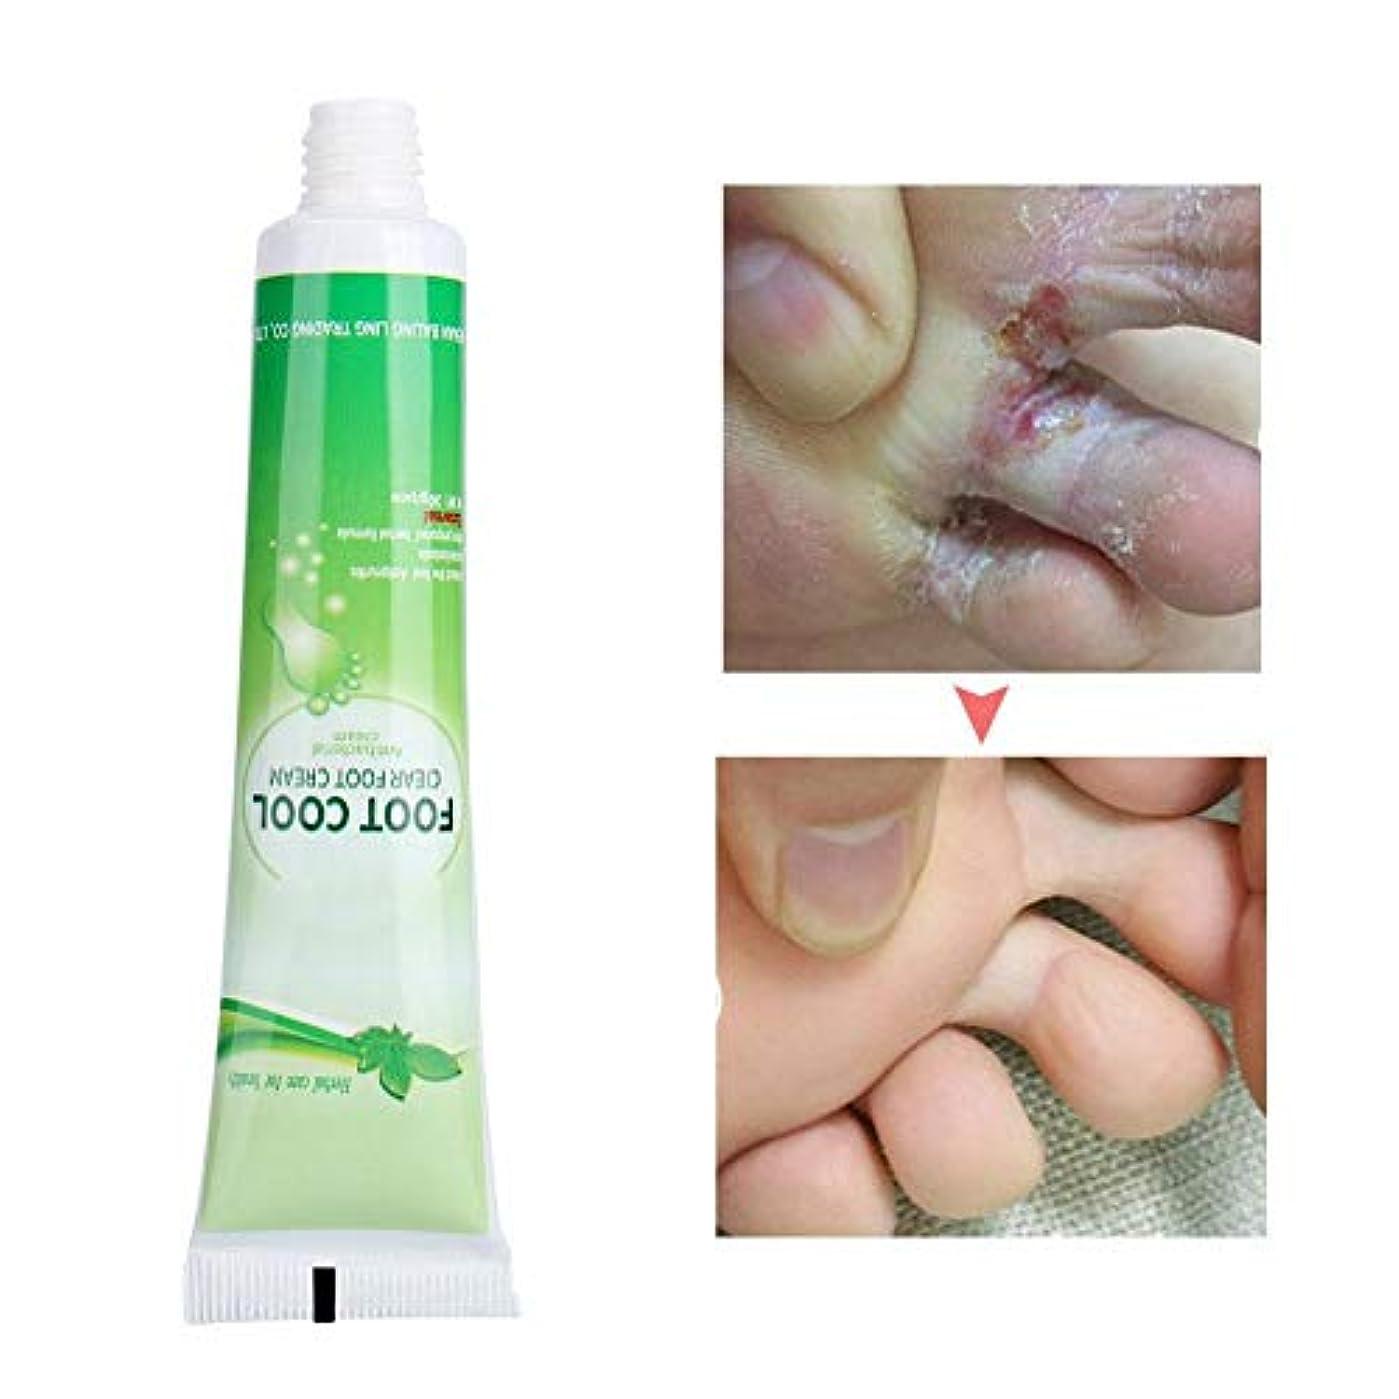 匿名壮大な周波数30g フットケアクリーム、足用軟膏 超乾燥肌用 抗真菌剤 足の臭いを取り除き かゆみを和らげます 足用 フット マッサージ クリーム